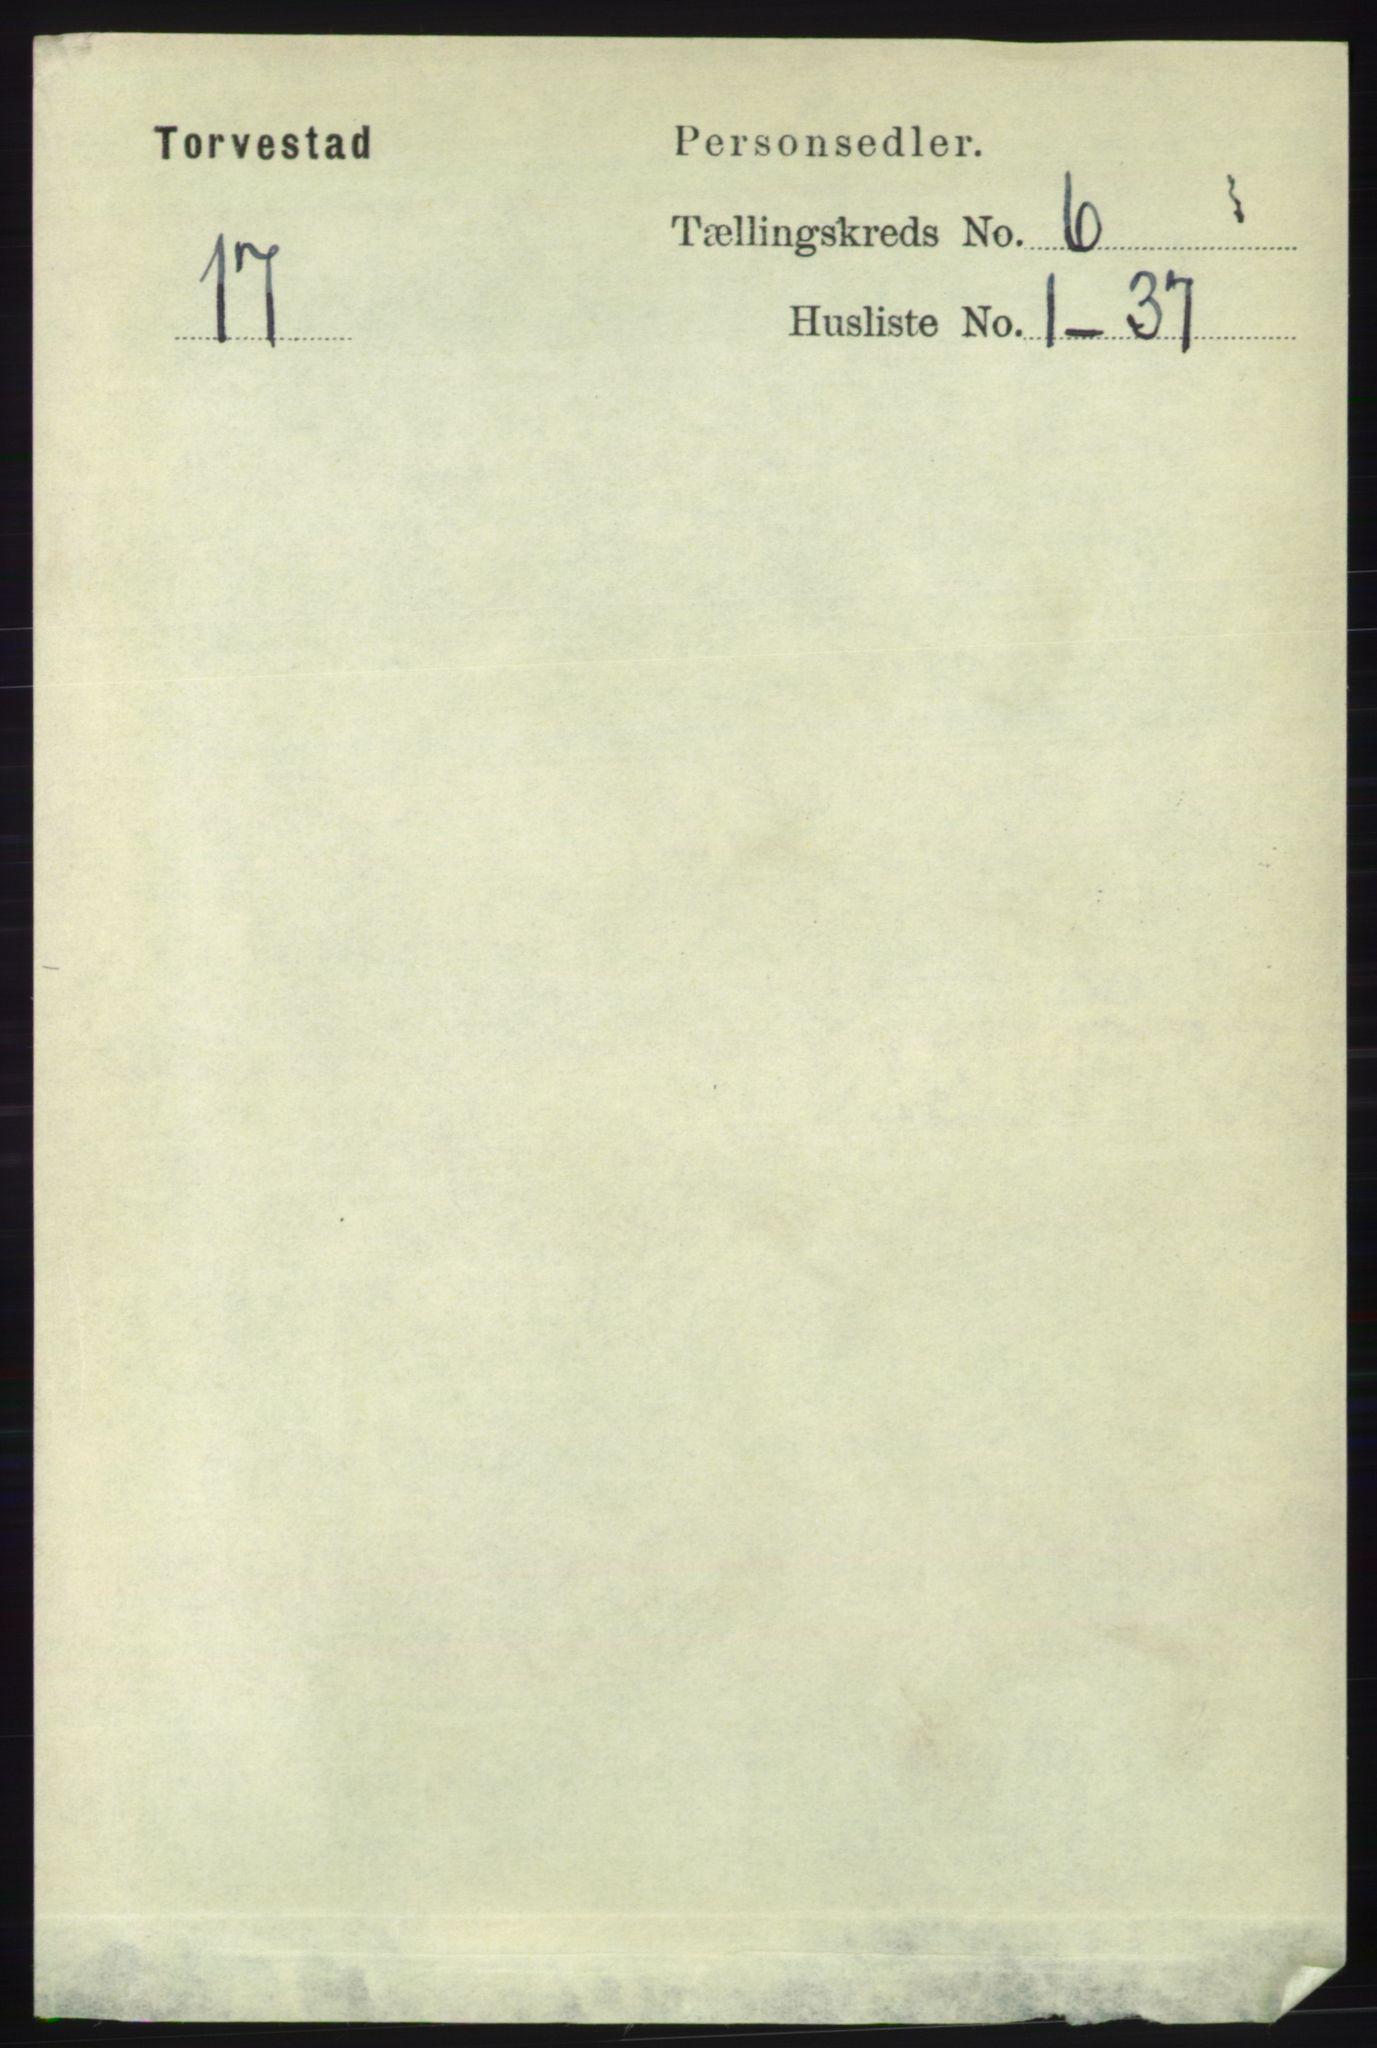 RA, Folketelling 1891 for 1152 Torvastad herred, 1891, s. 1992